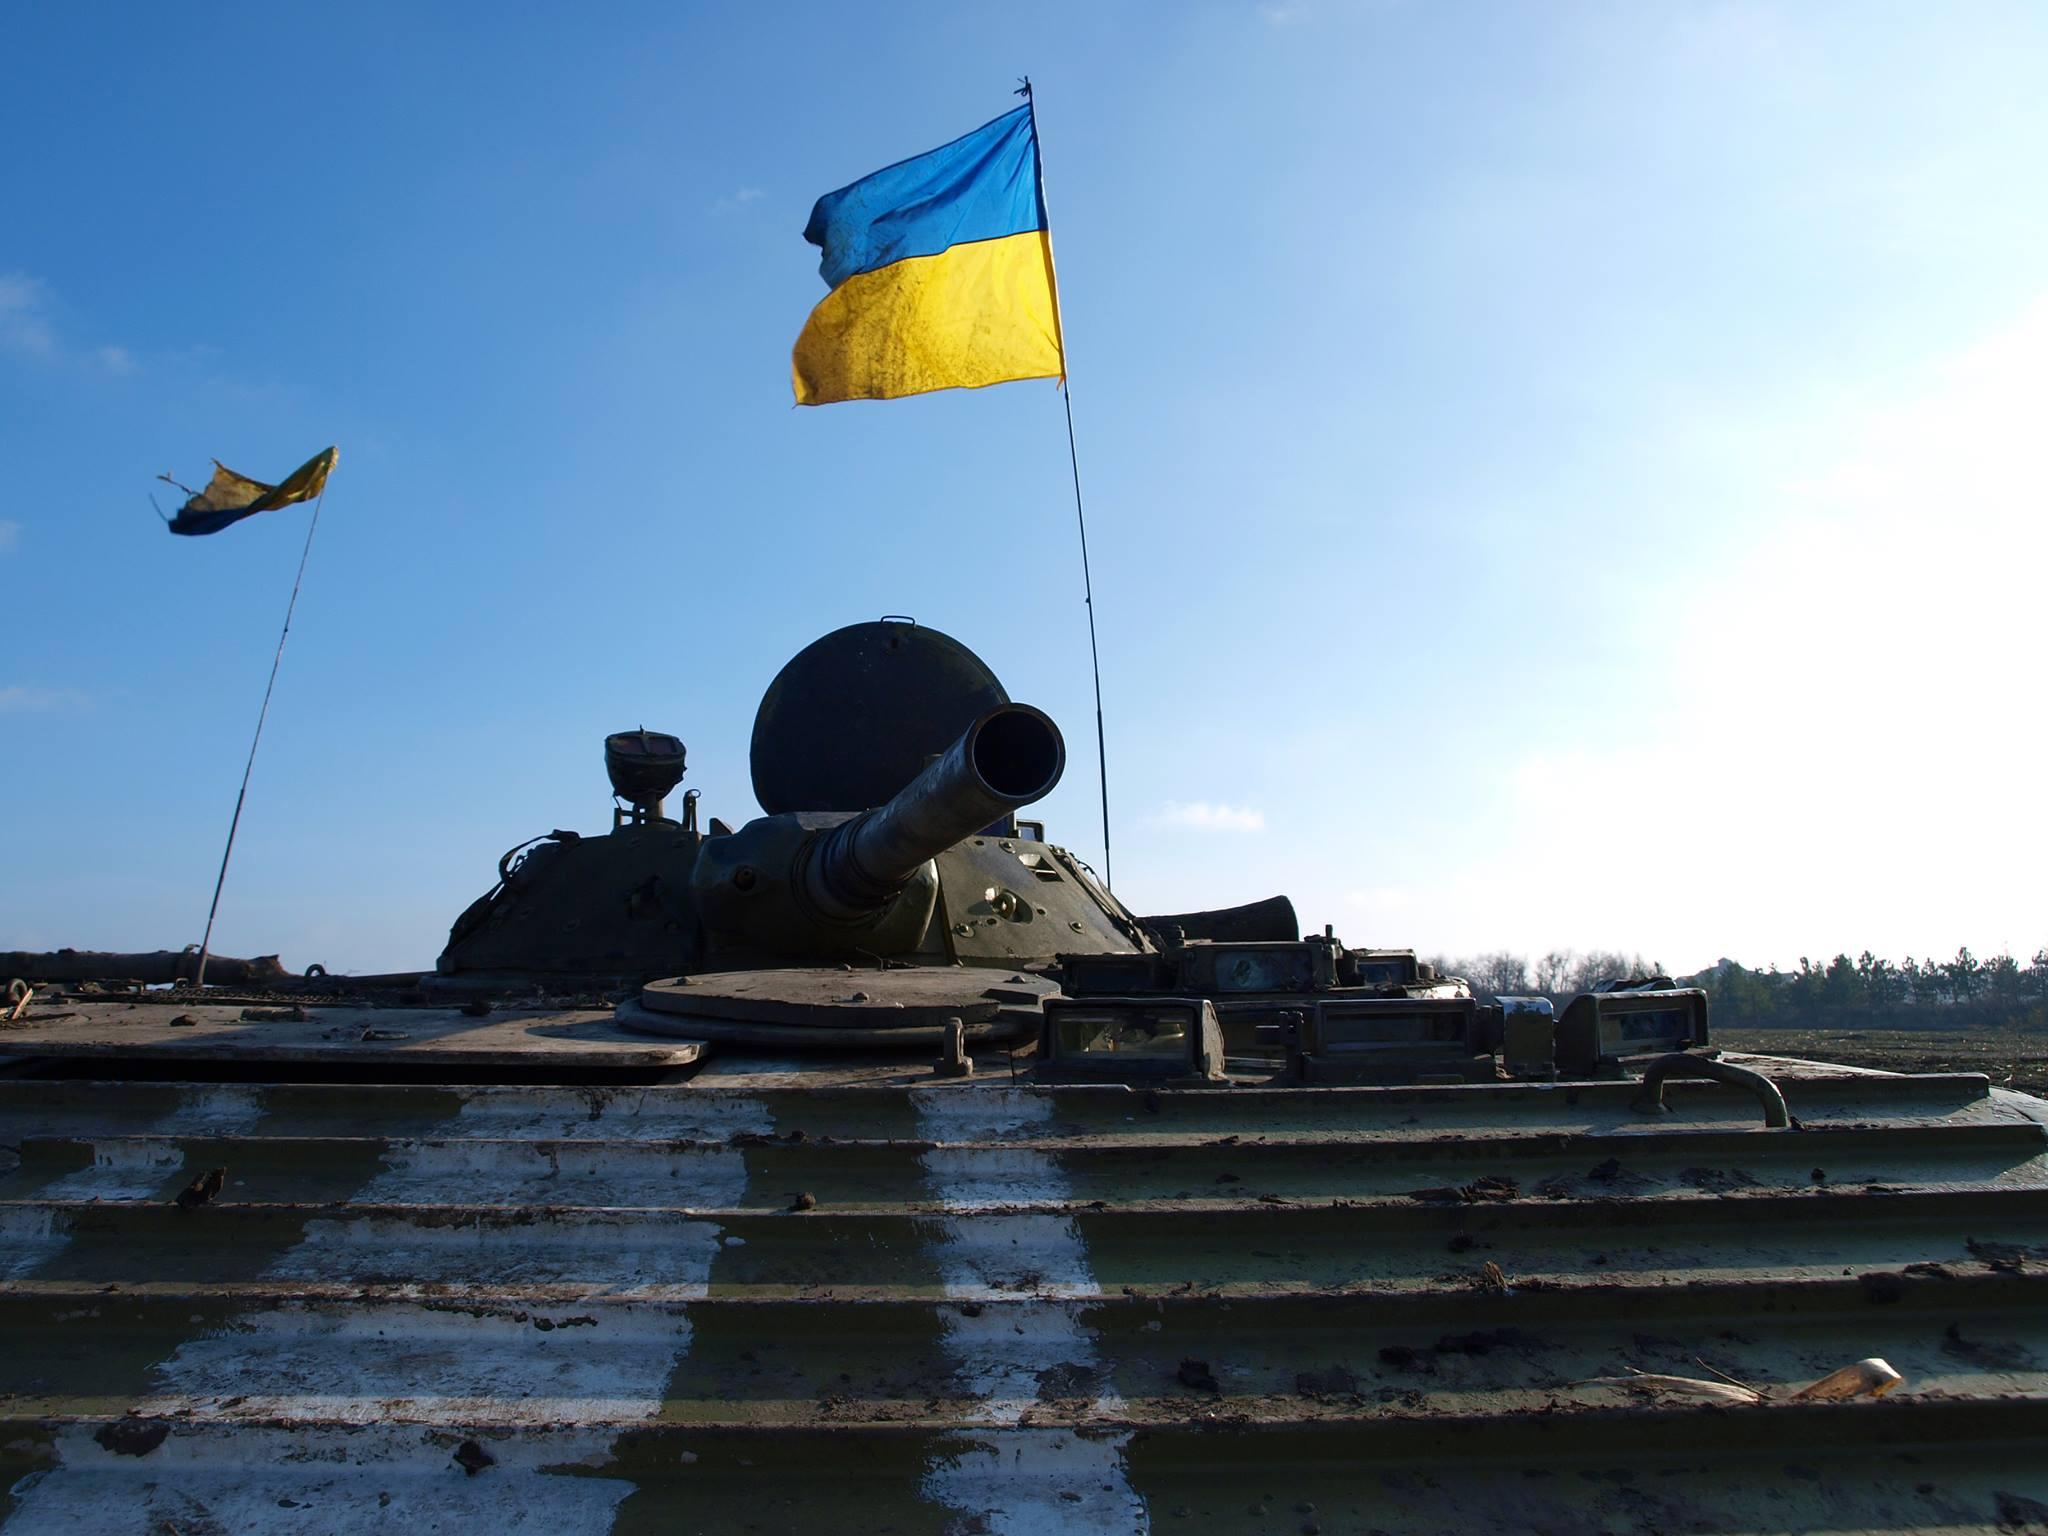 Ситуация в Донецке и Луганске: новости, курс валют, цены на продукты, хроника событий  22.07.2017